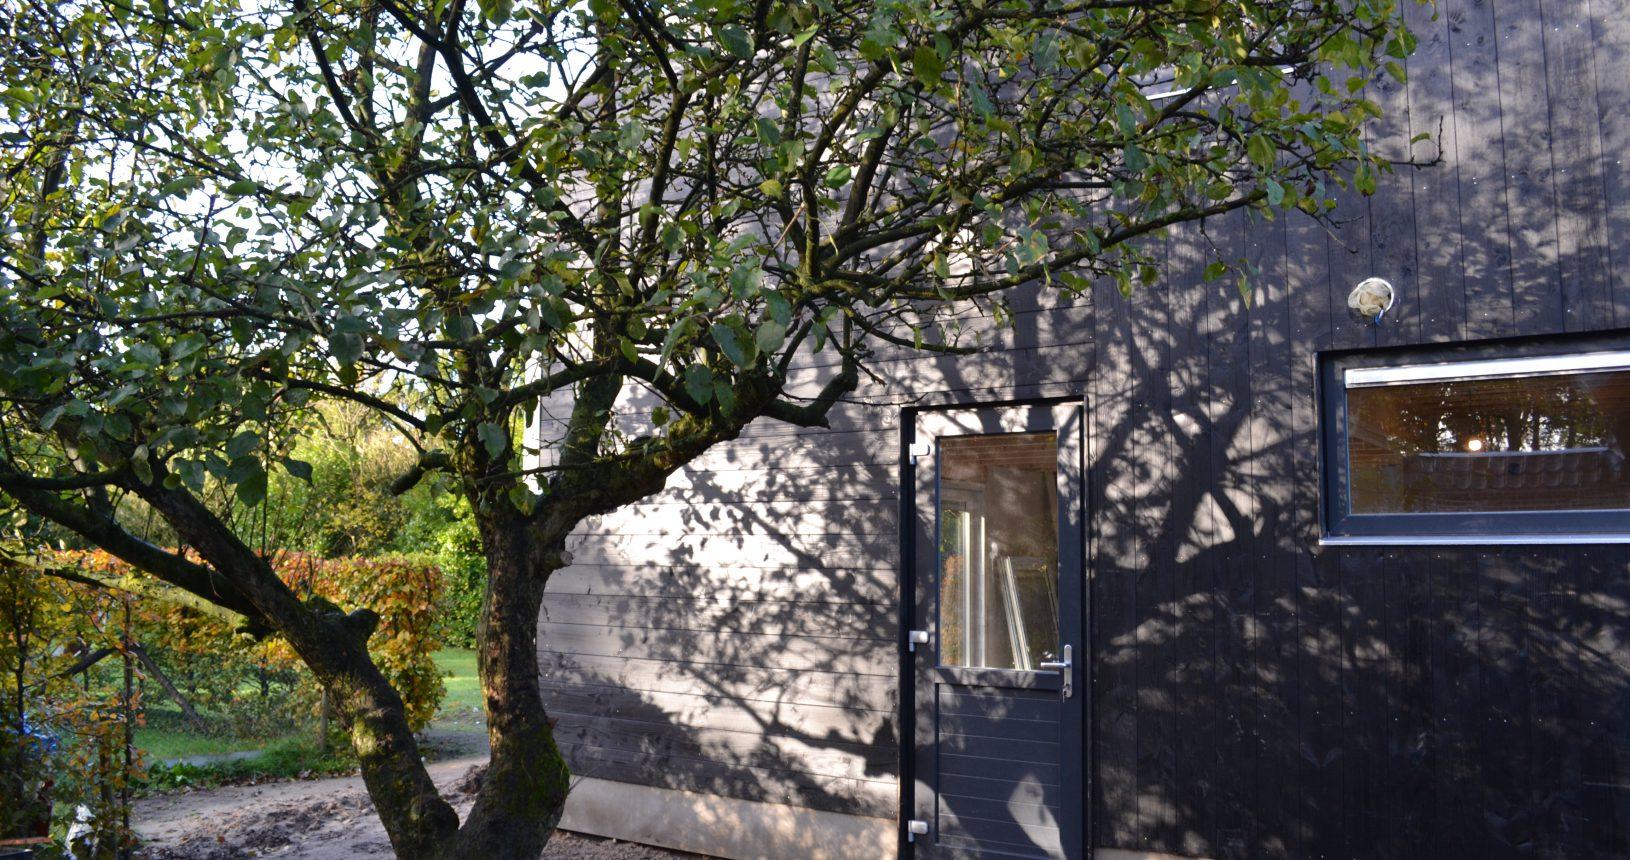 De zijkant van de houtschuur met de appelboom.